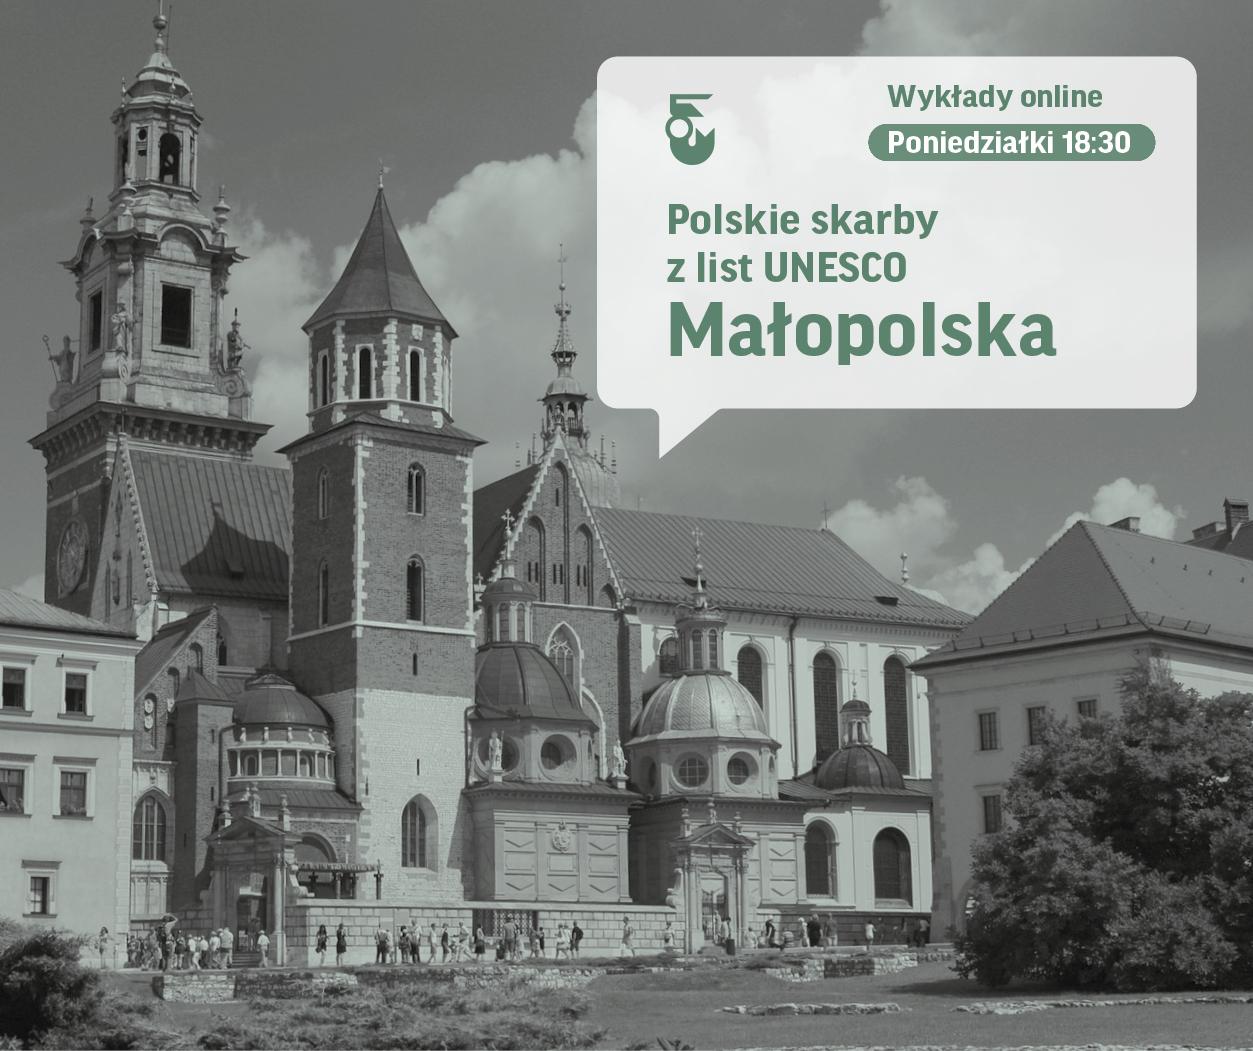 Zdjęcie czarno białe. Katedra na Wawelu z zewnątrz. Obok napis Polskie skarby z list unesco Małopolska. Wykłady online poniedziałek 18.30.